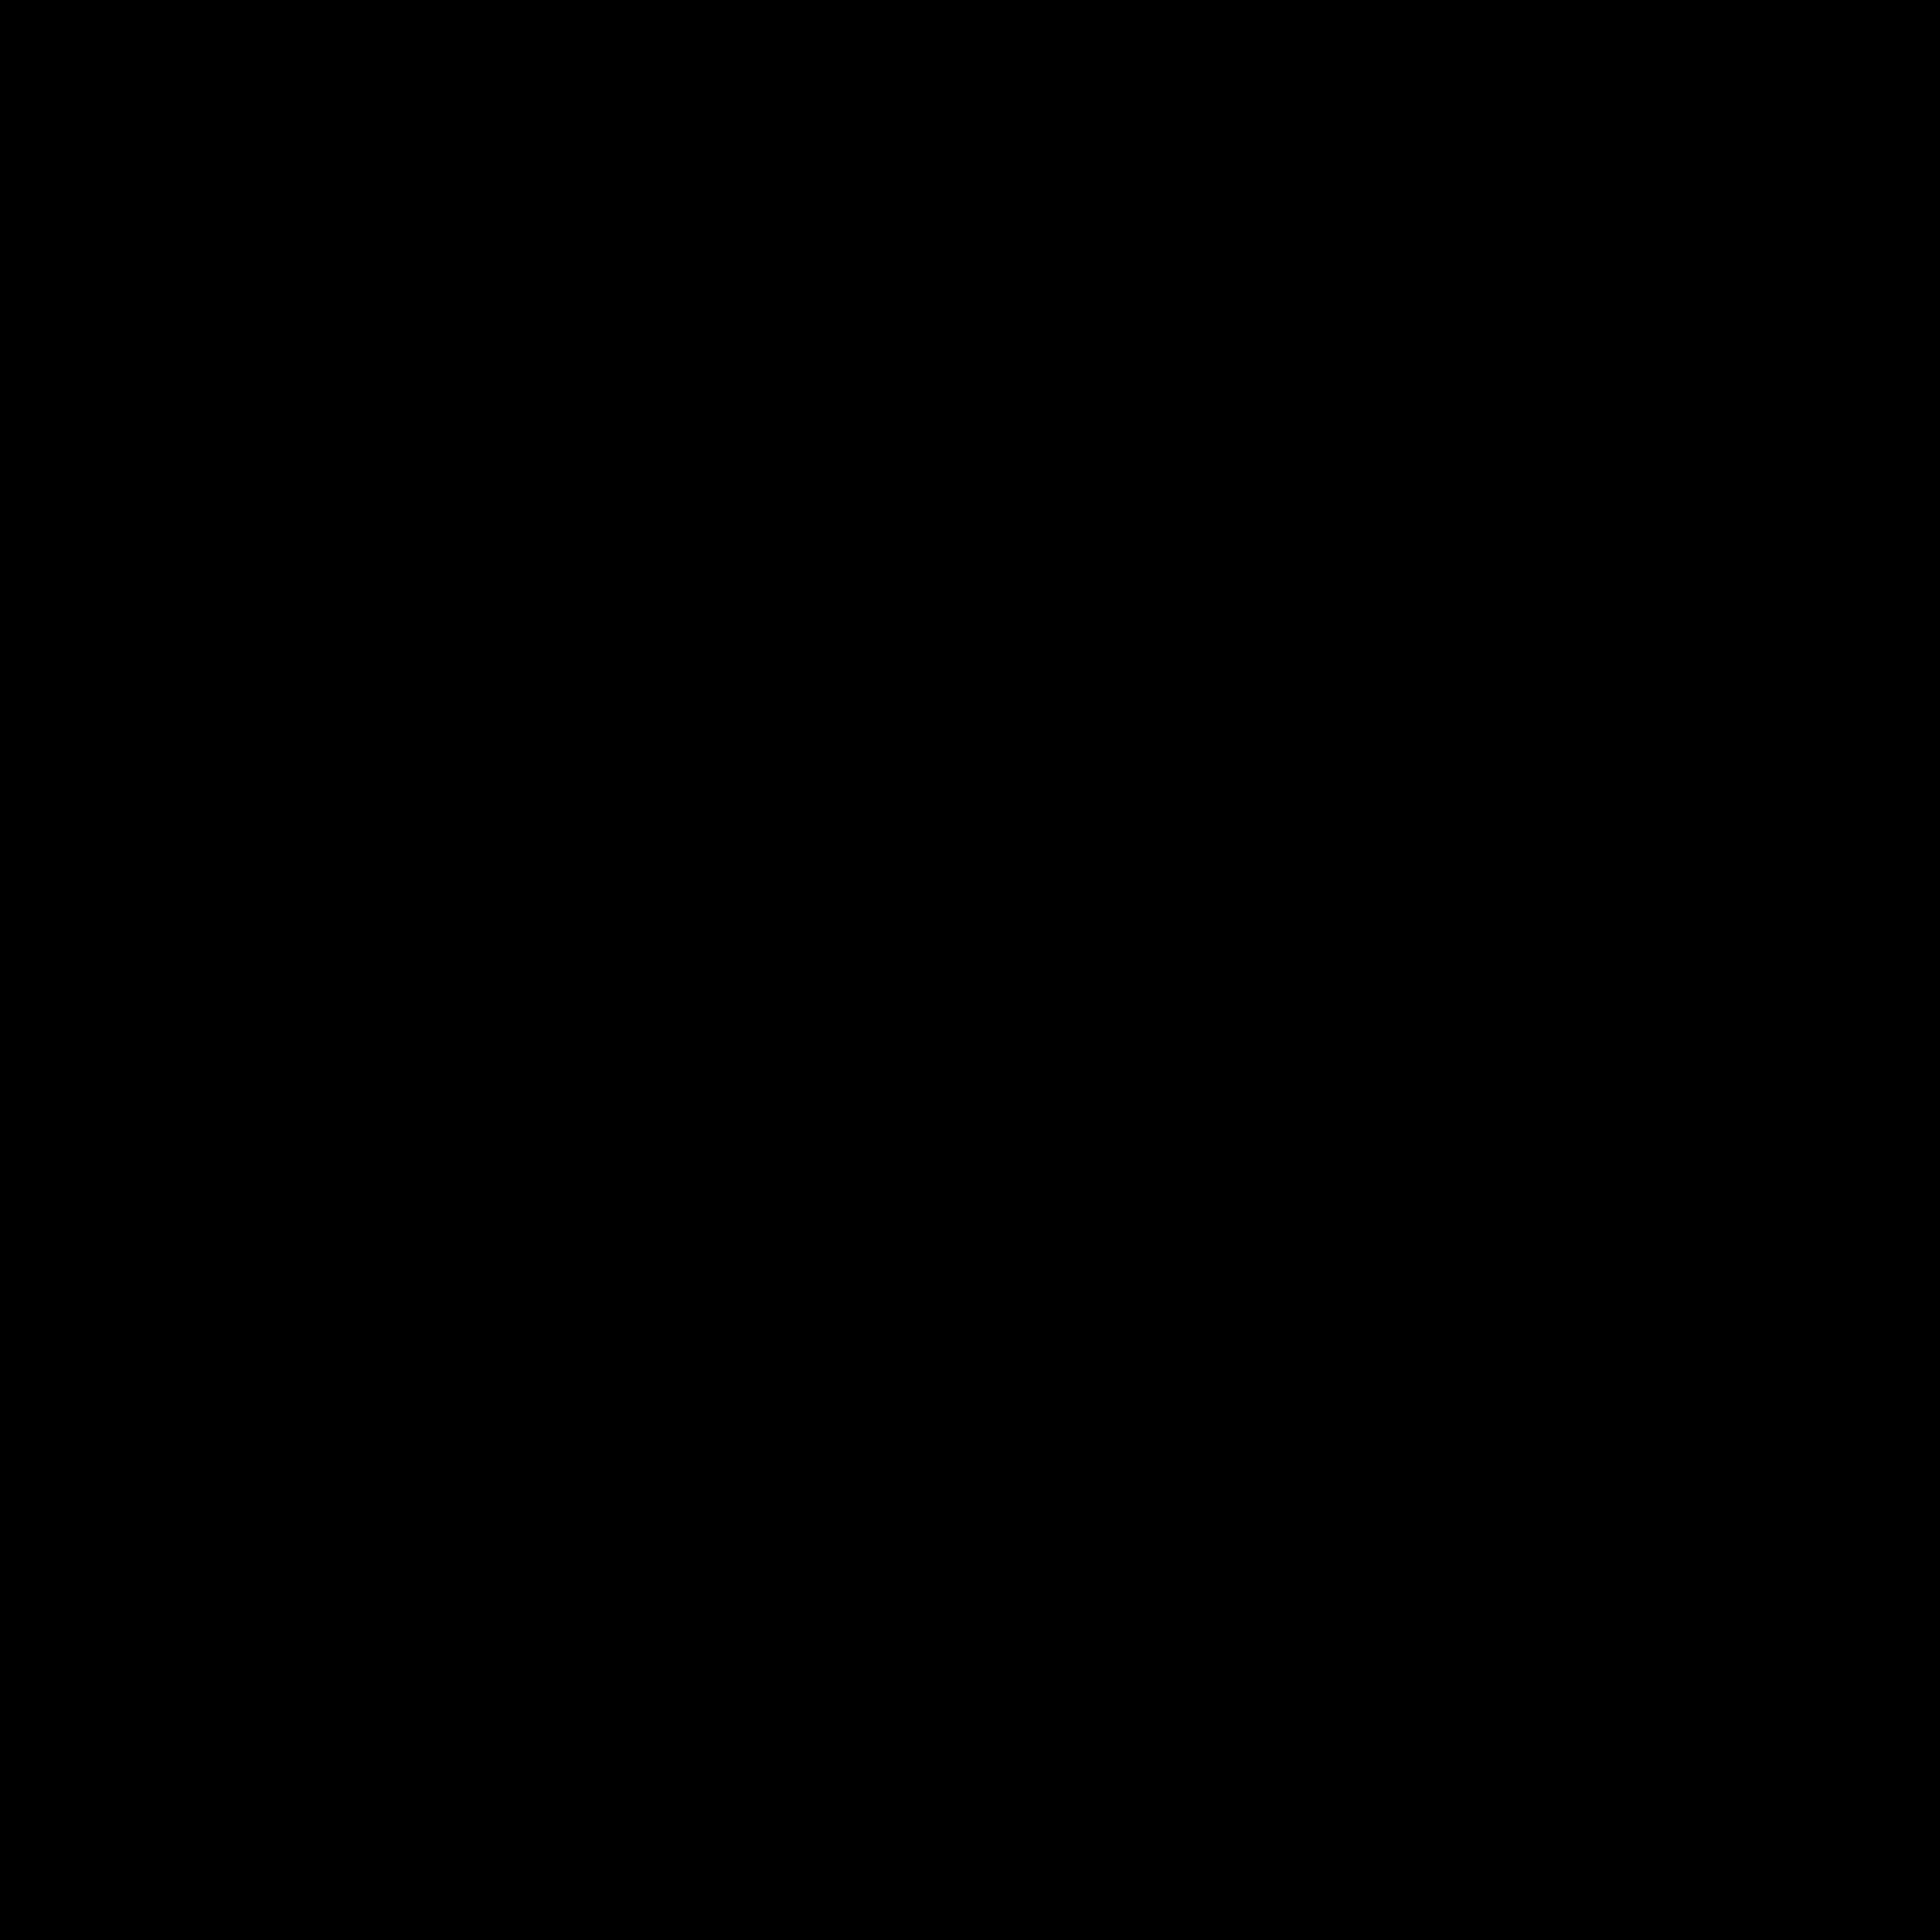 【グッズ】Passage of Time トートバッグ ネイビー×白ロゴ